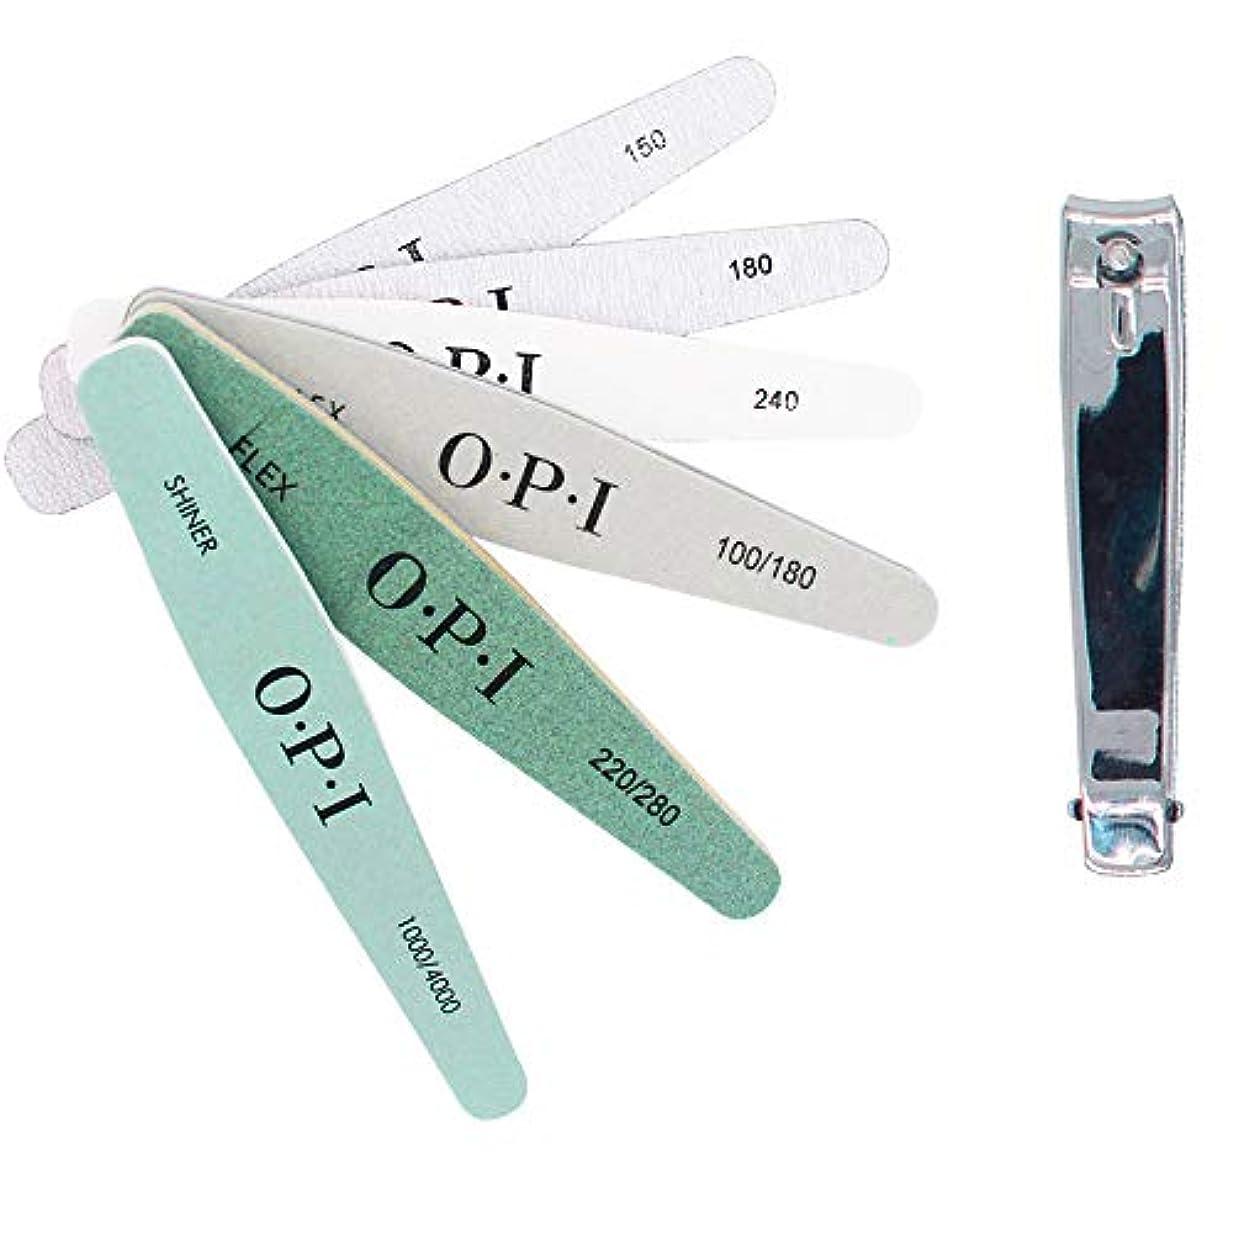 急速なくすぐったい姿勢KINYOOOスポンジファイル、爪やすり、ネイルをつやつやに、のネイルツール、 150/180/200/240/280/1000/4000と(1 PCSメタルネイルはさみ)、ネイルケア用化粧マニキュアペディキュアセット。